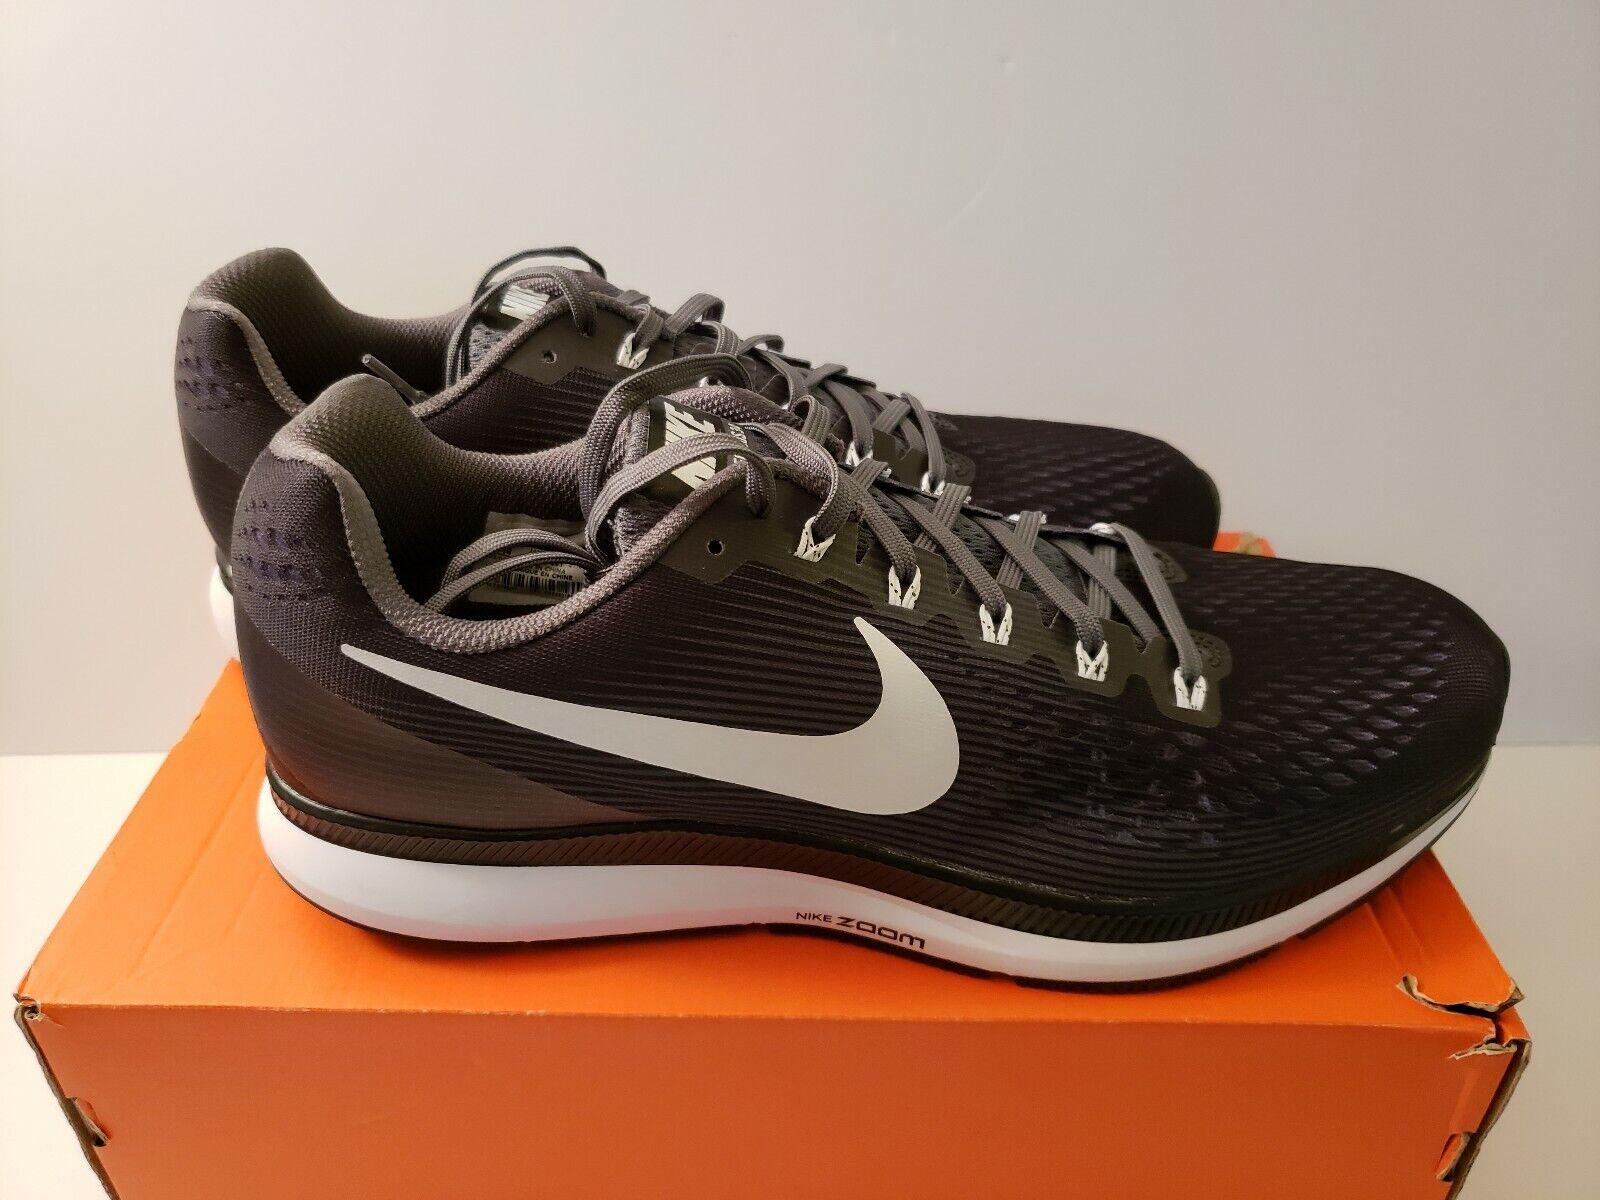 Nike Air Zoom Pegasus 34 TB Size 14 - 887009 001 Black Grey Men's Running shoes